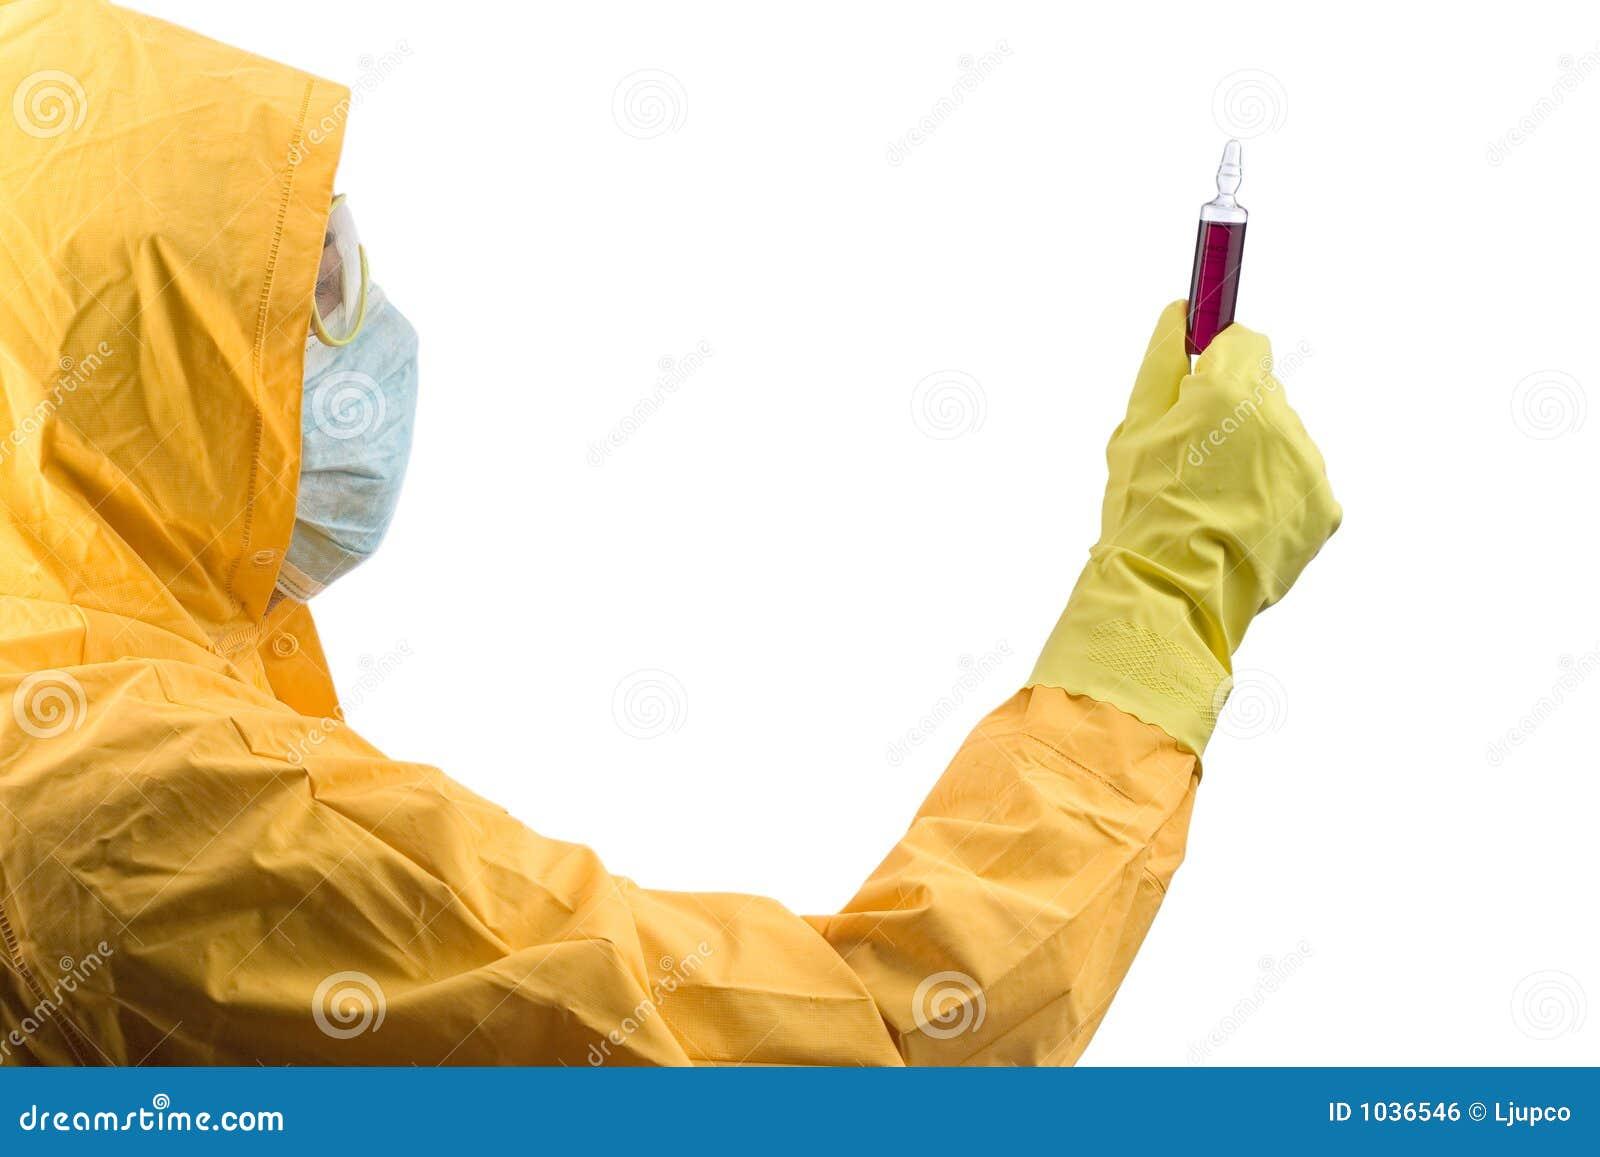 Chercheur traitant les produits chimiques dangereux